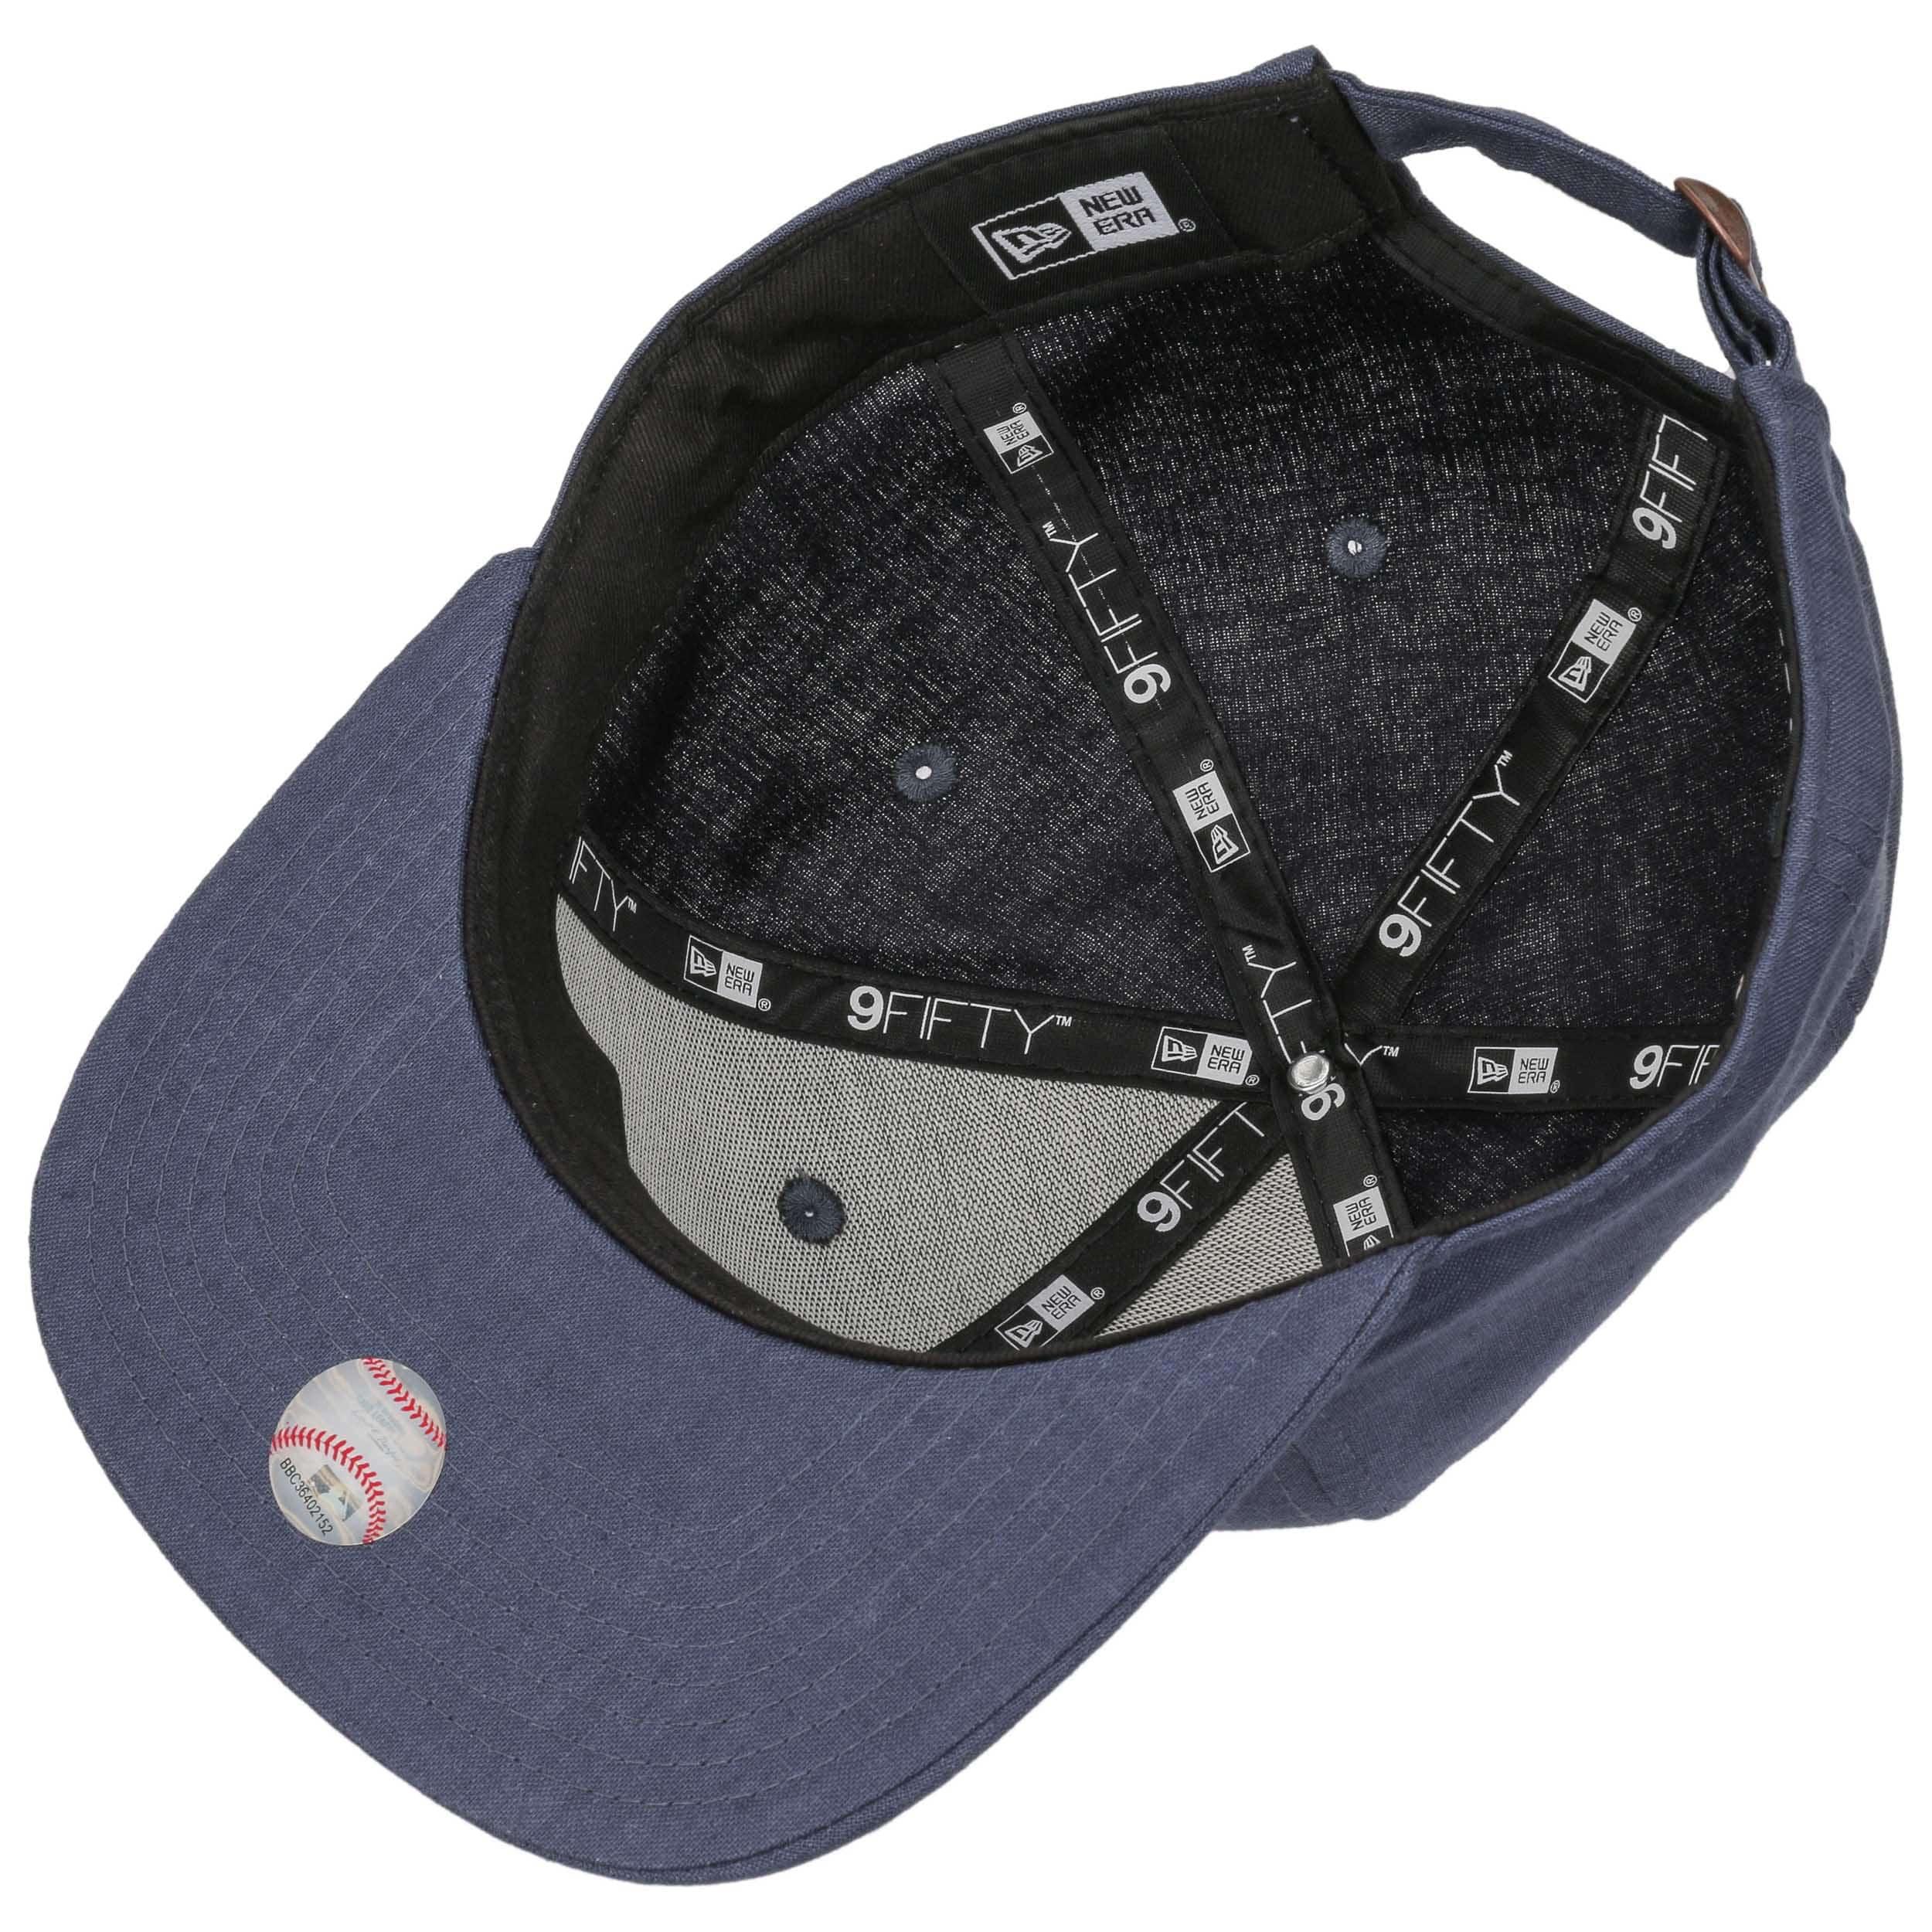 da926a7d279 ... coupon code for floppy hat 9fifty linen felt mets cap by new era 2  d2c84 9591c